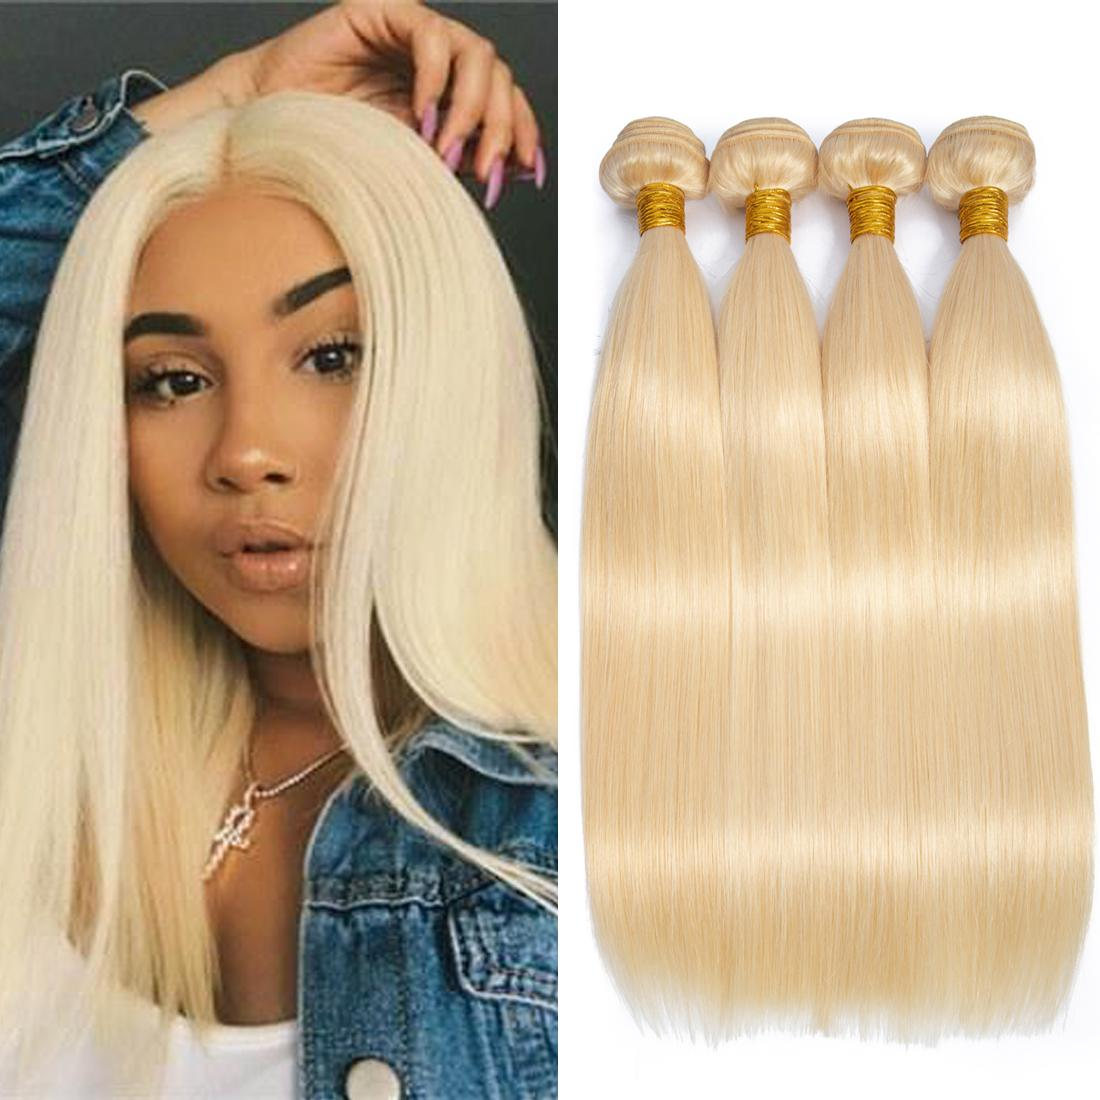 Modista 4 Unids / lote Indian Virgin Human Hair 613 Blonde Bundles Cabello Recto Bundles Blonde Extensiones de Cabello Barato Para Las Mujeres